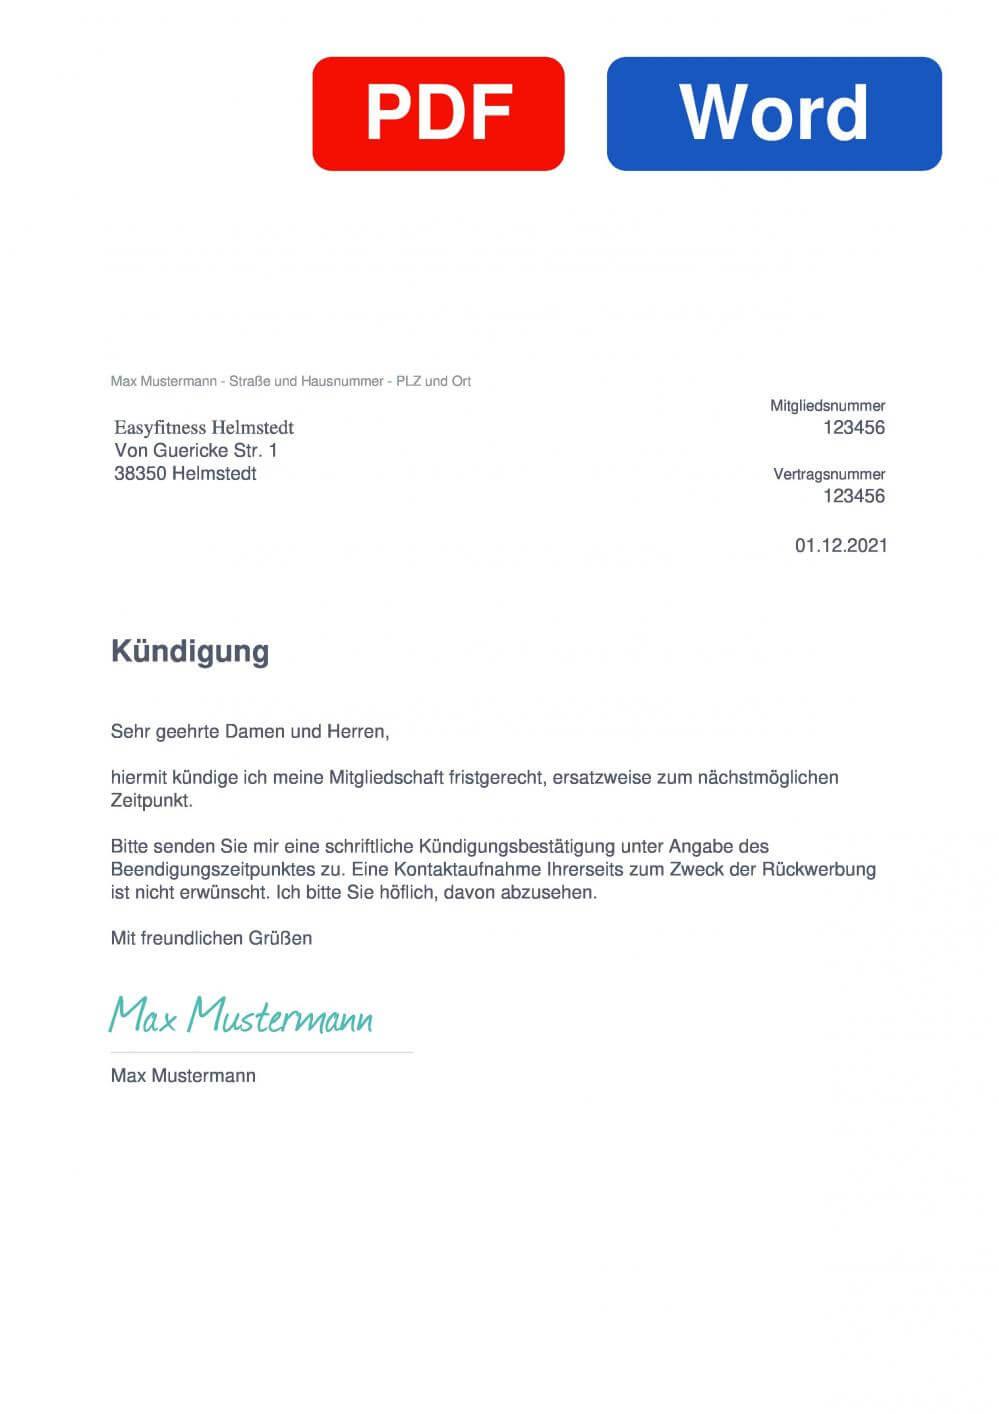 EASYFITNESS Helmstedt Muster Vorlage für Kündigungsschreiben